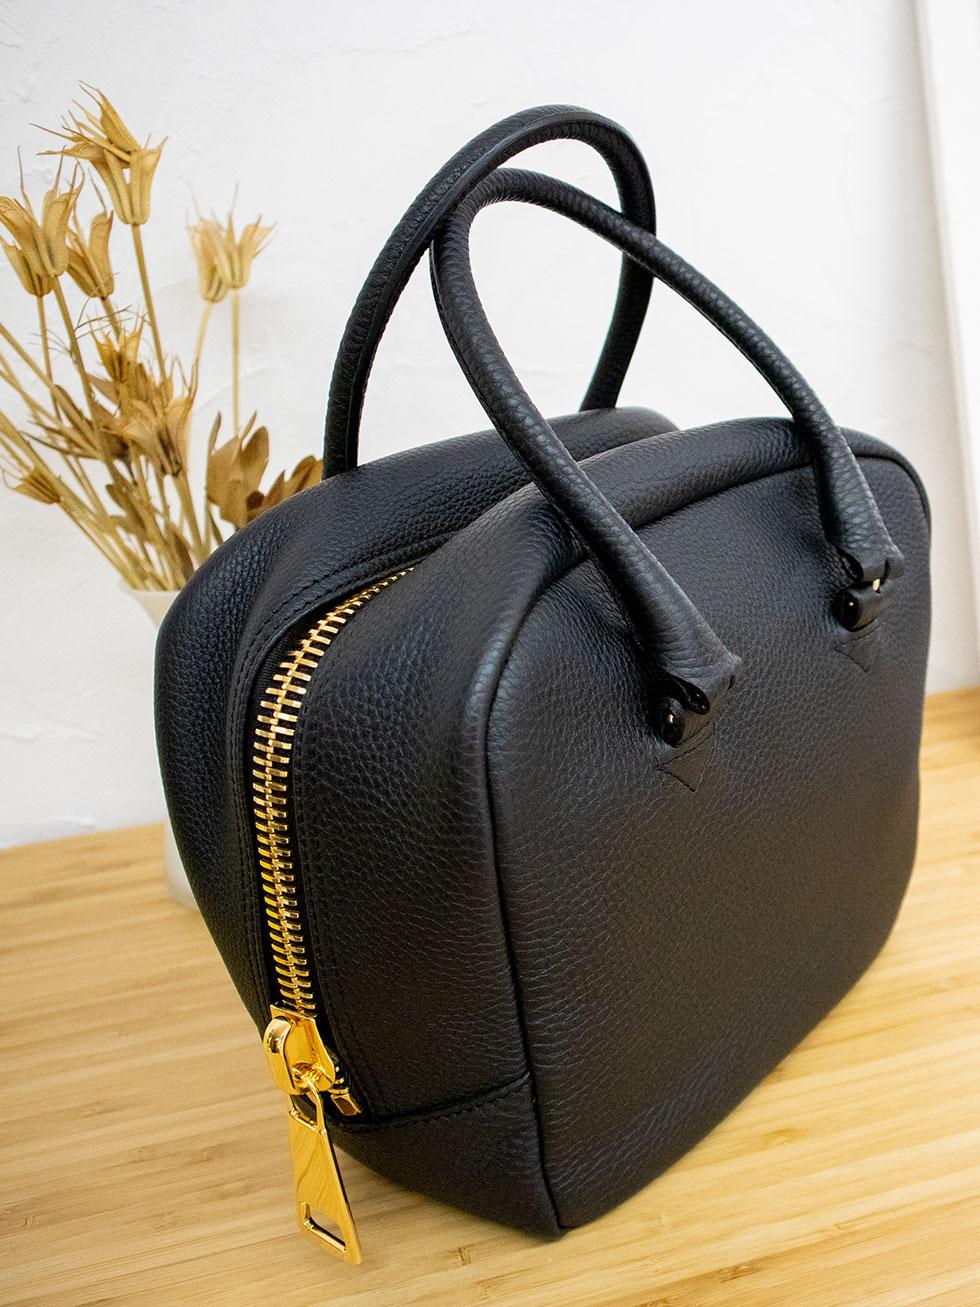 コロンと愛らしい本革ハンドバッグの「NIKO」